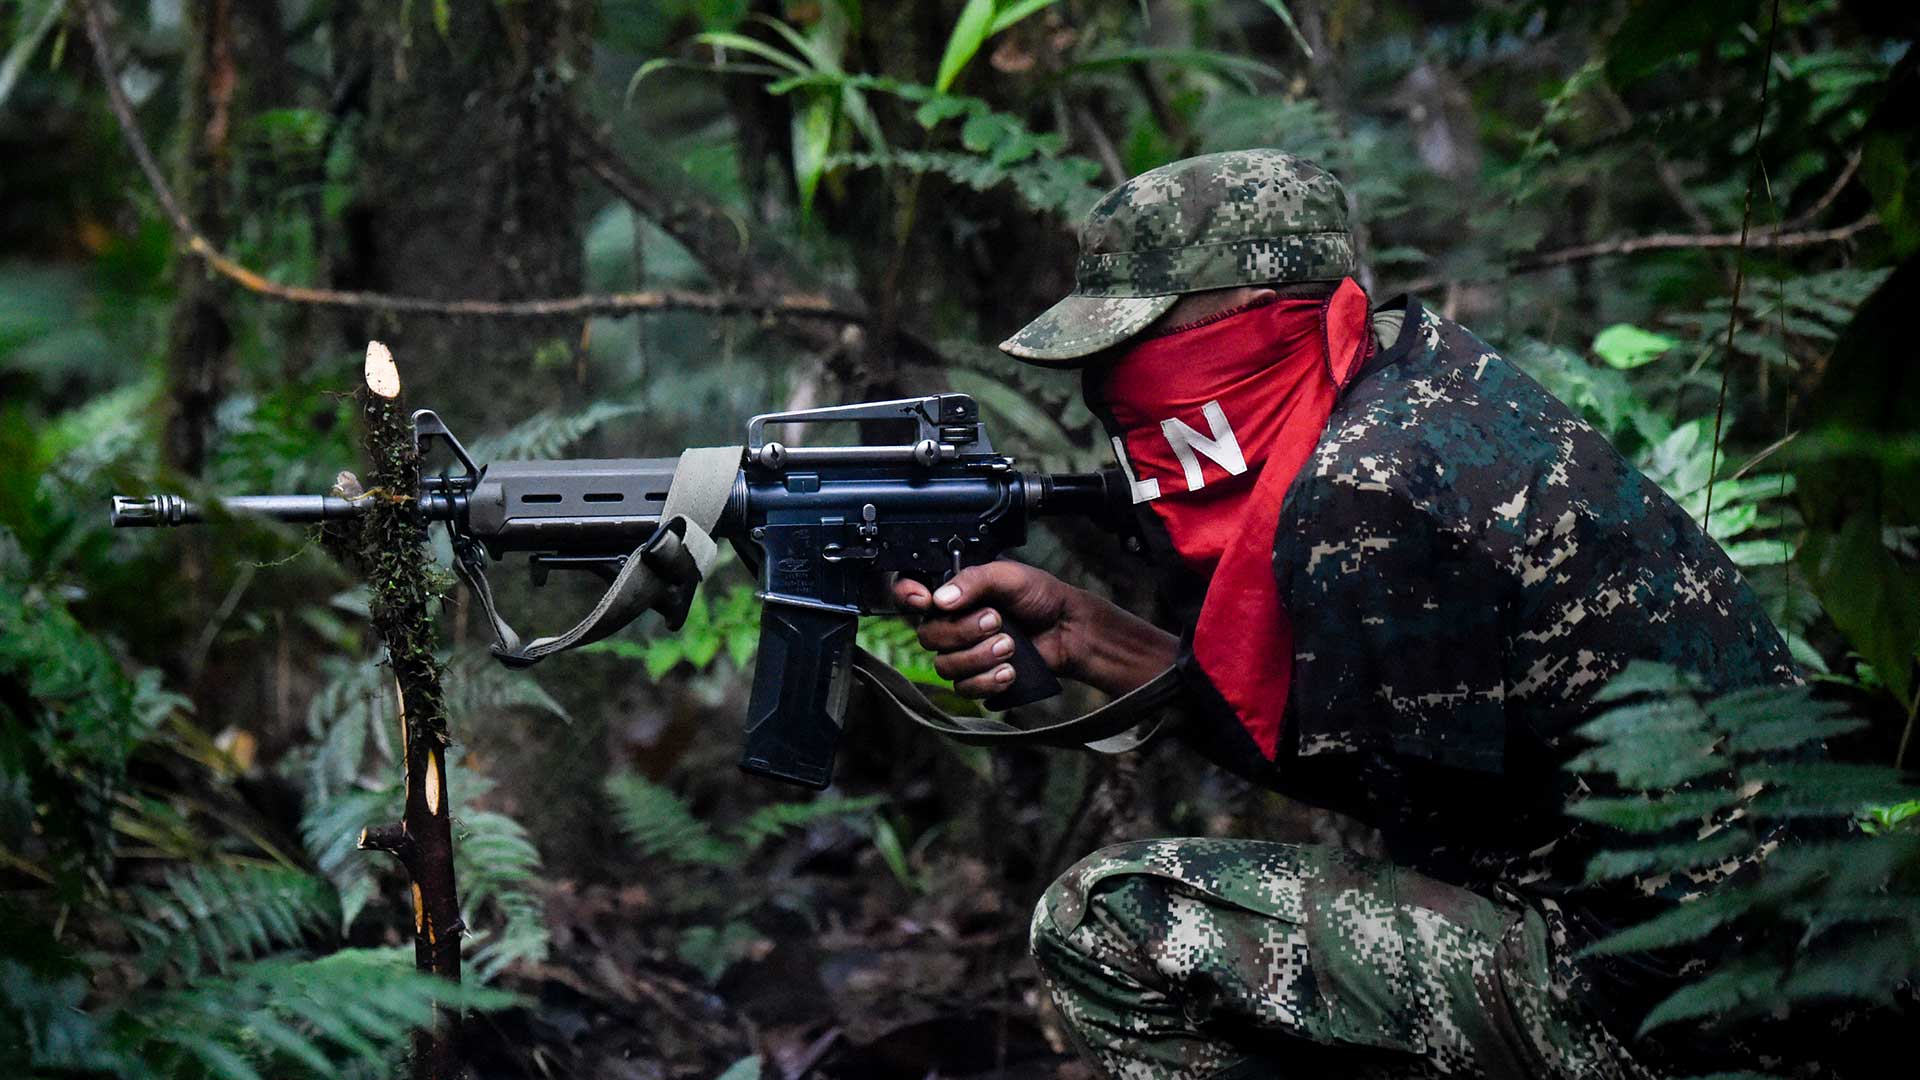 Foto de un guerrillero del Eln, uno de los grupos responsables del conflicto armado en Colombia.